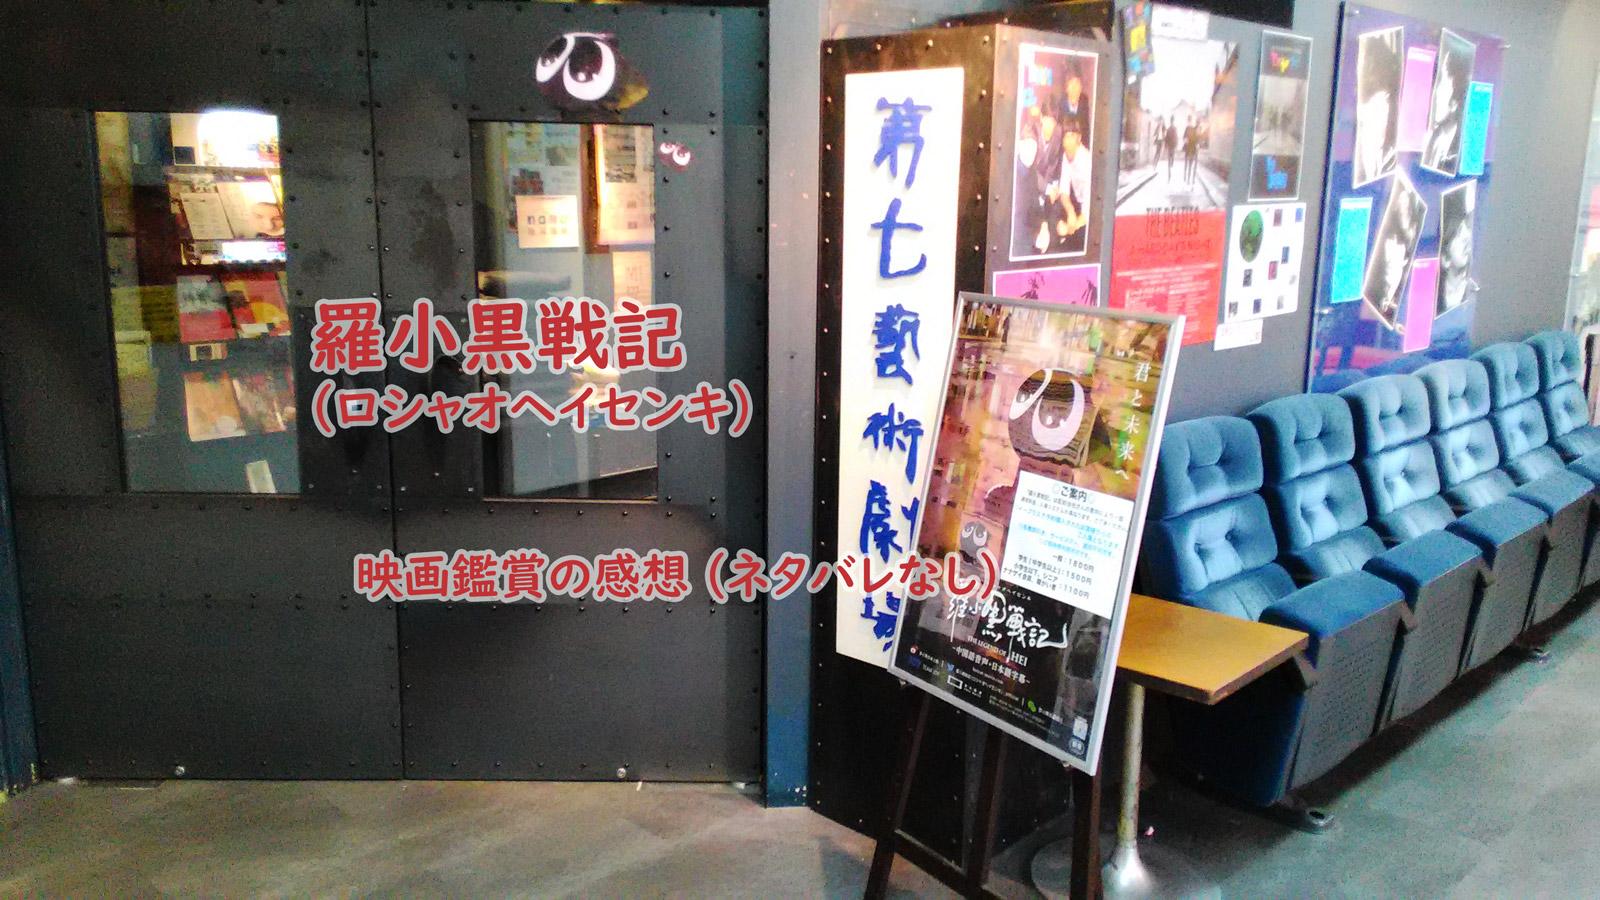 羅小黒戦記 〈映画〉鑑賞の感想 (ネタバレなし)